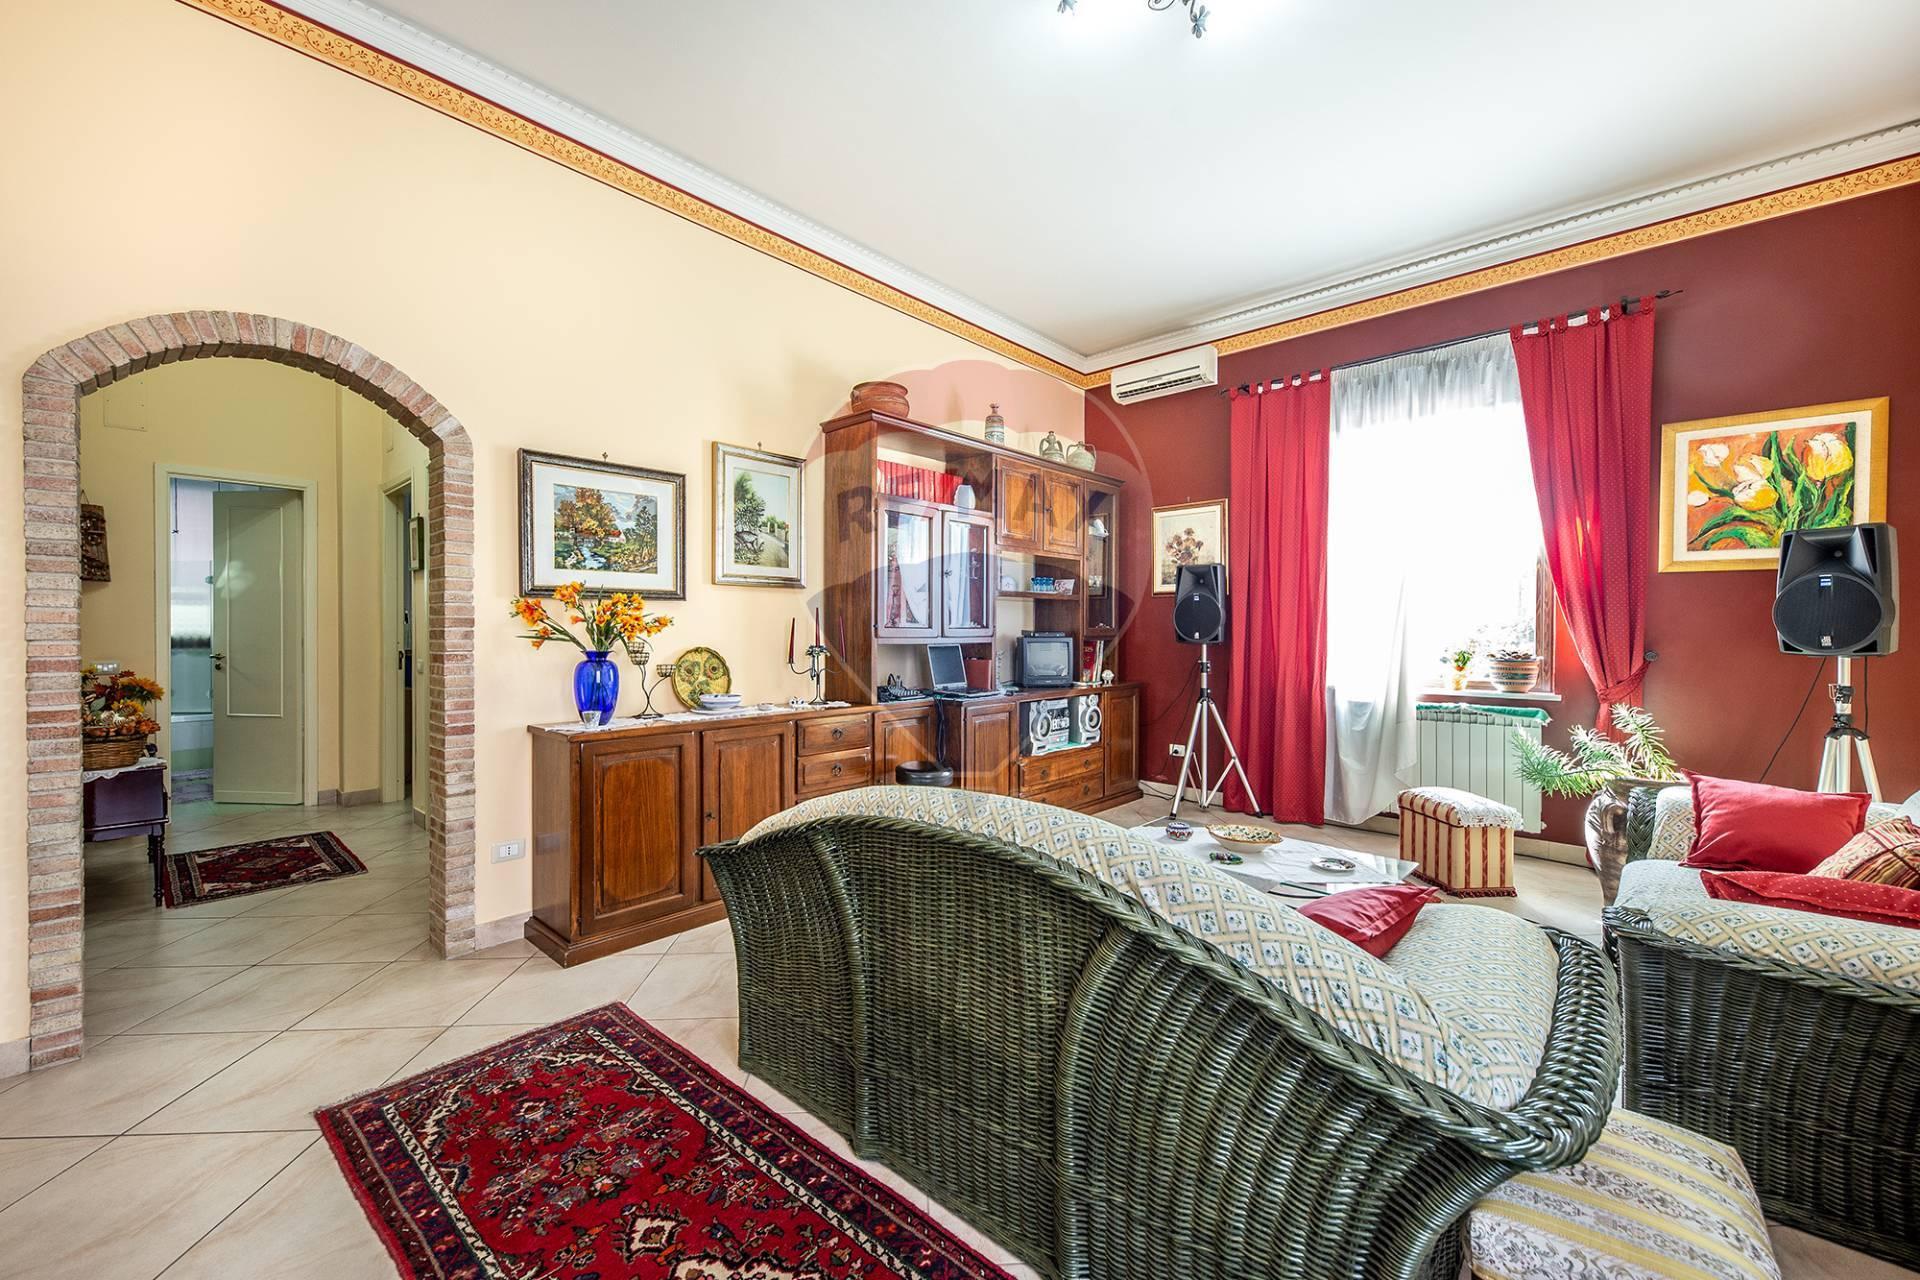 Appartamento in vendita a Pedara, 4 locali, prezzo € 170.000 | CambioCasa.it